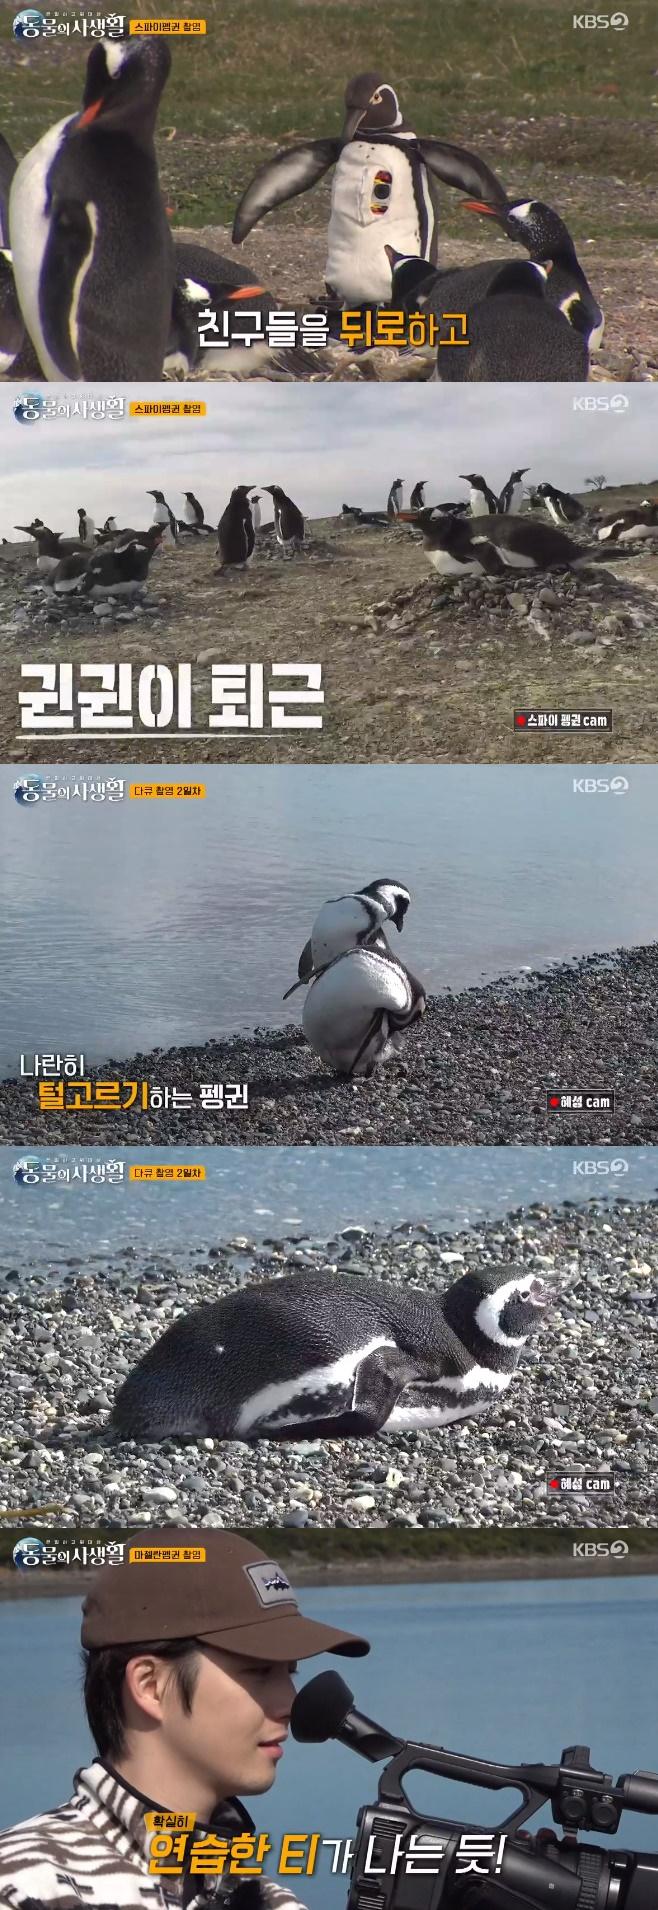 '동물의 사생활' 문근영, 진짜 펭귄 속인 근접 촬영 성공